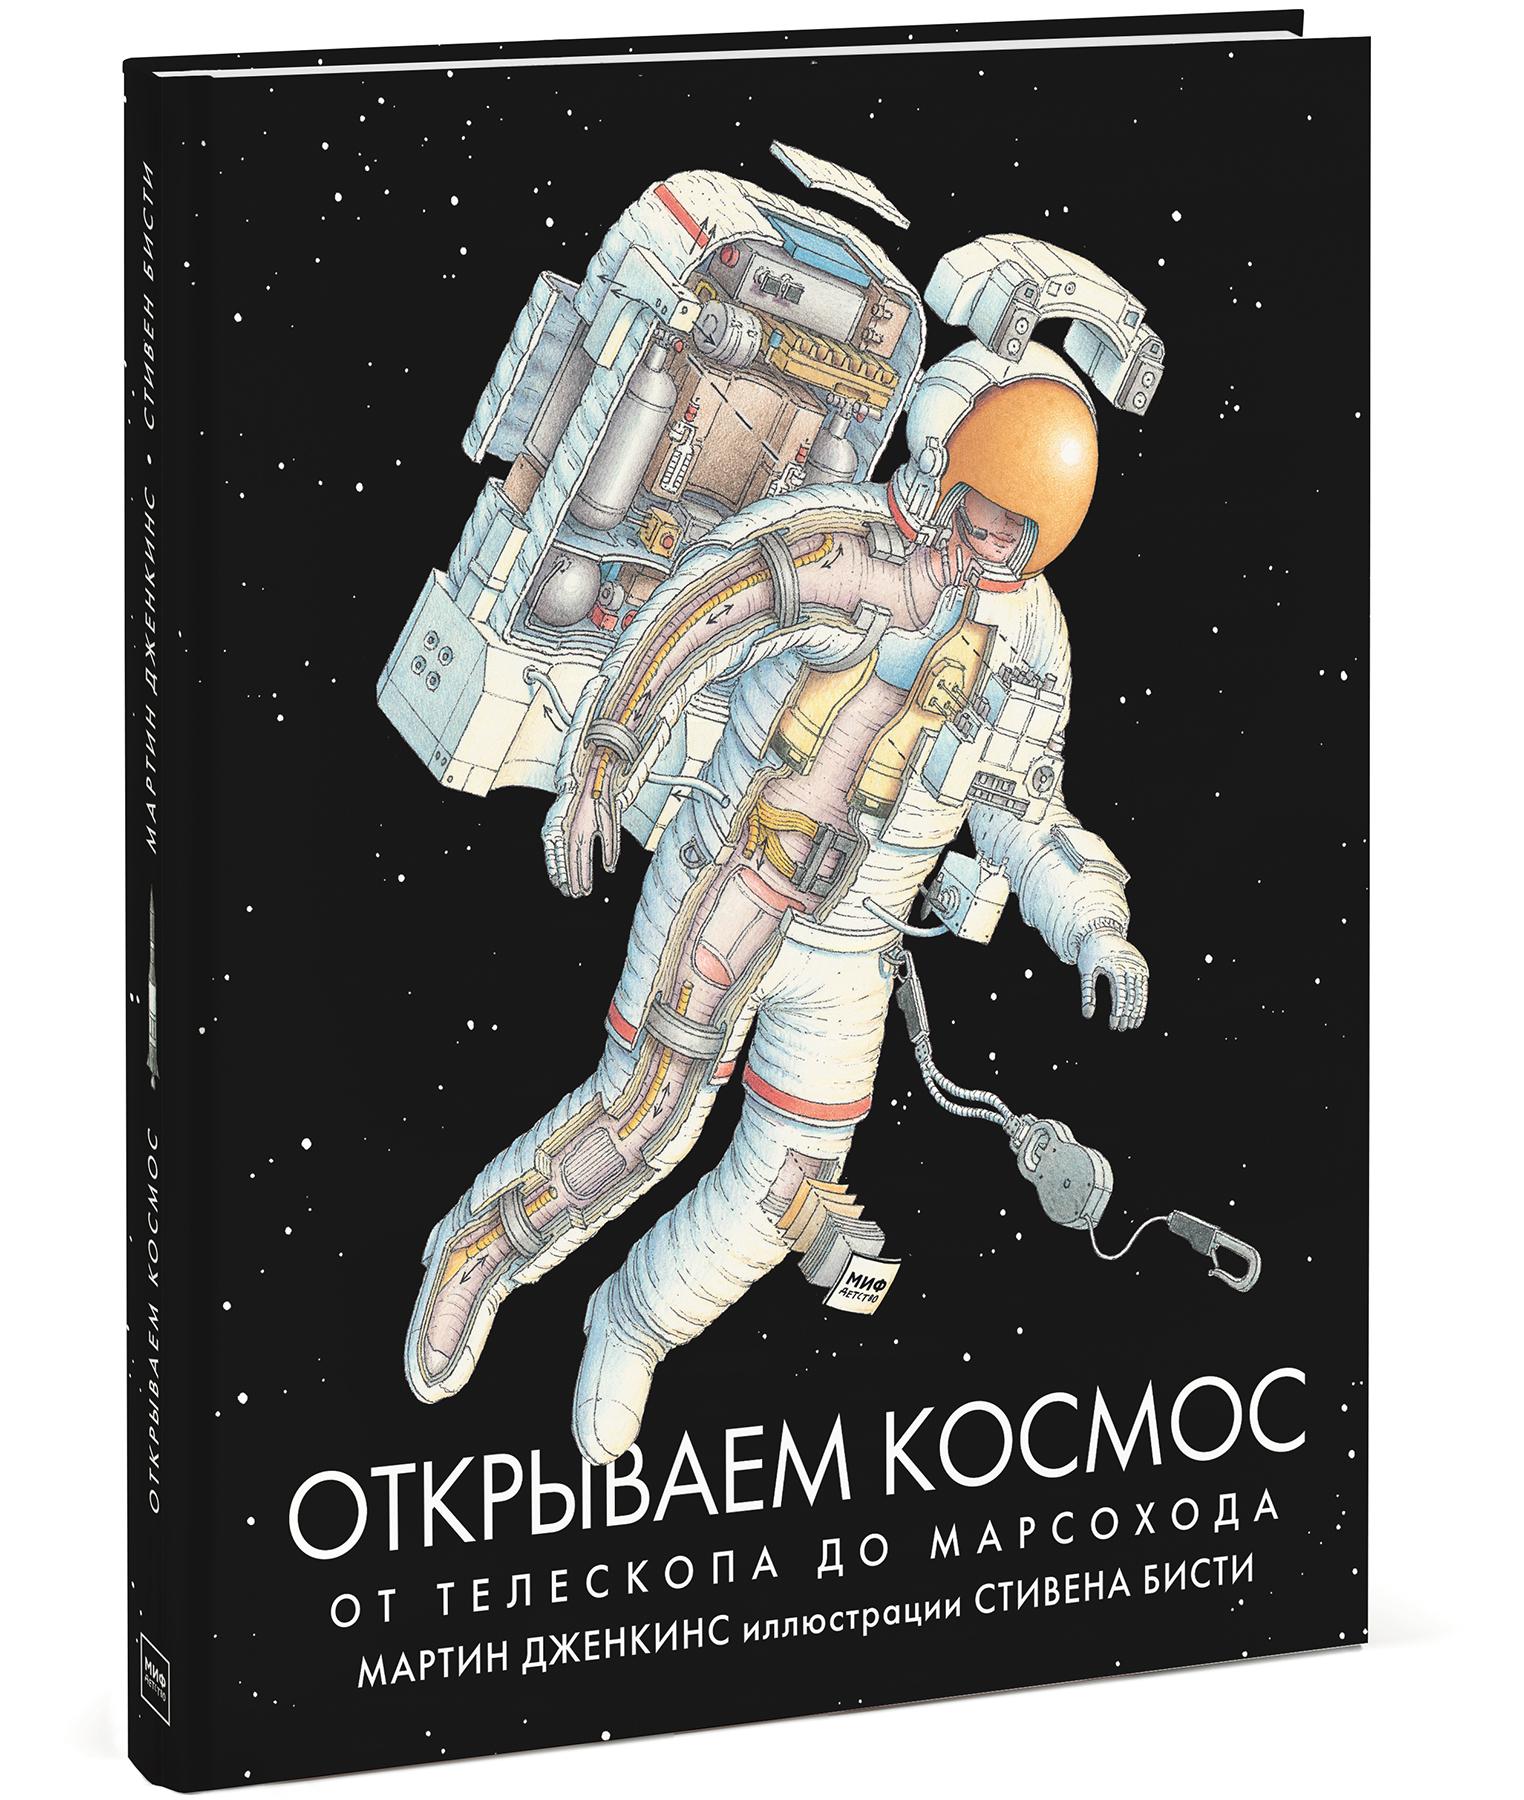 Zakazat.ru: Открываем космос. От телескопа до марсохода. Мартин Дженкинс